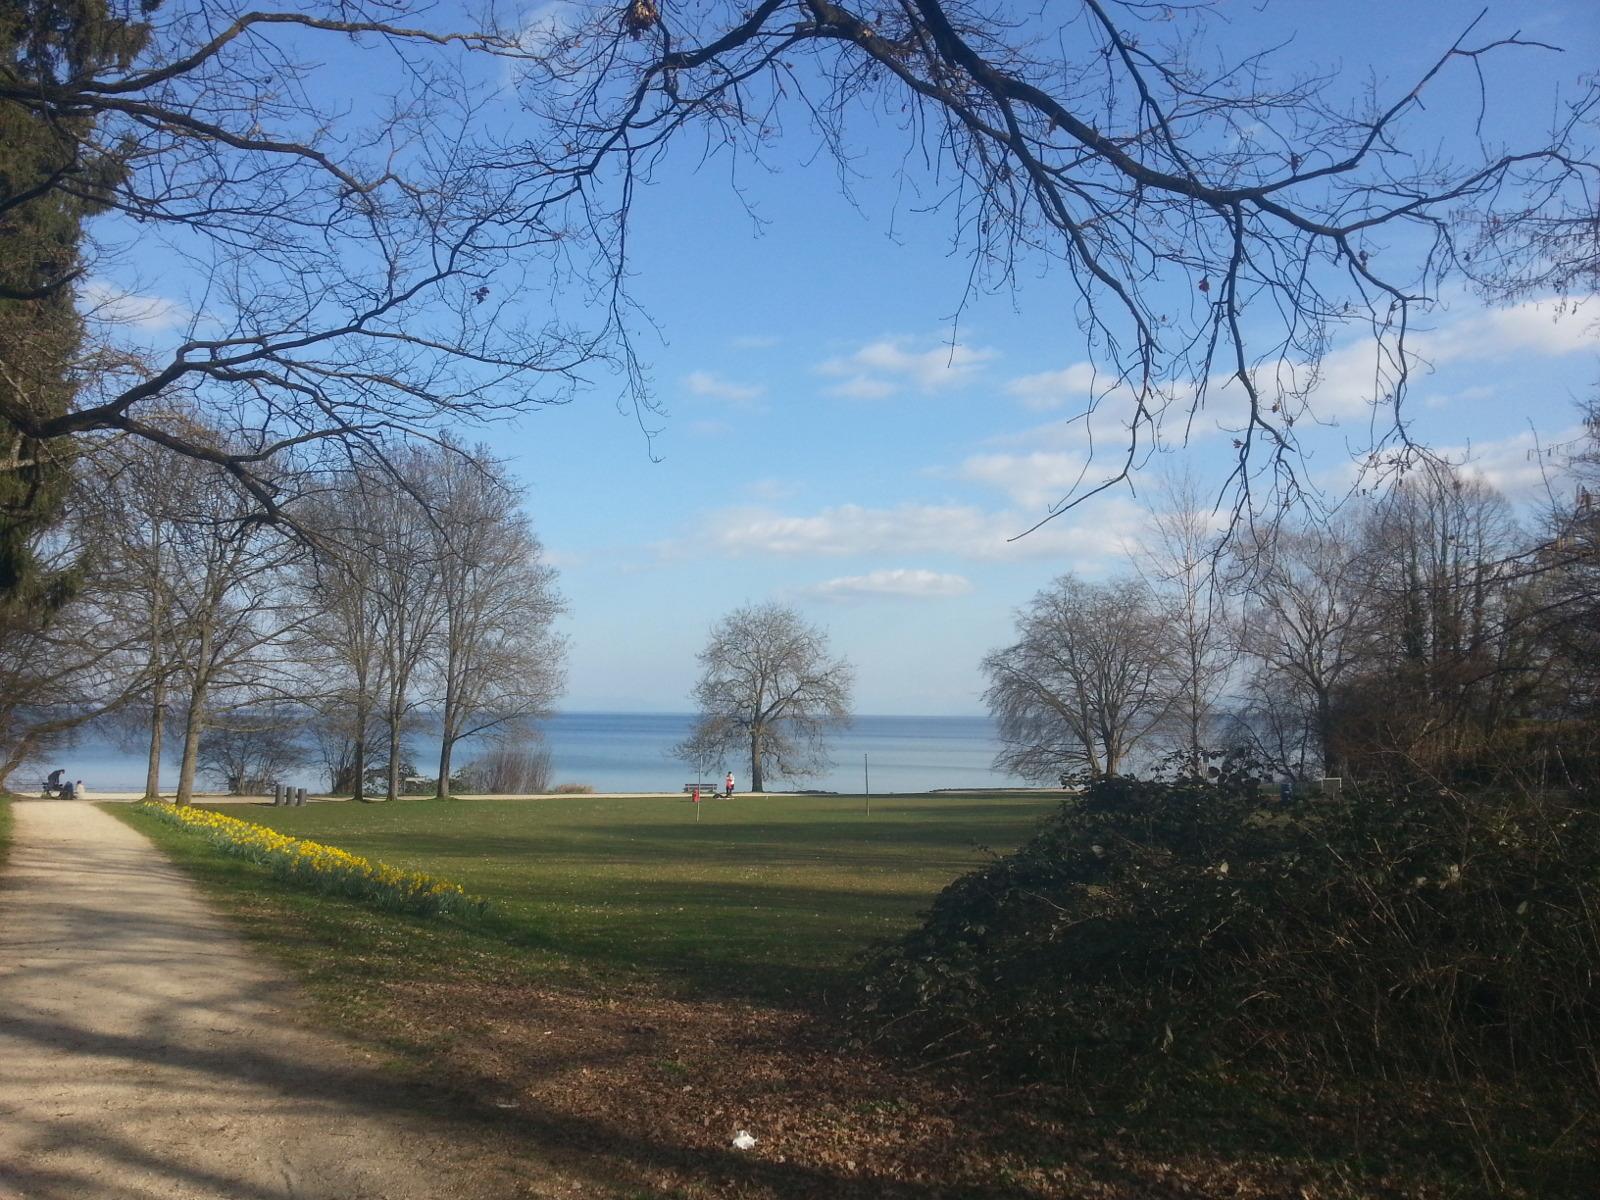 Frühling am See in Konstanz, verbinden mit Paket beim miradlo-versanddepot abholen, See, Narzissen, erste Knospen